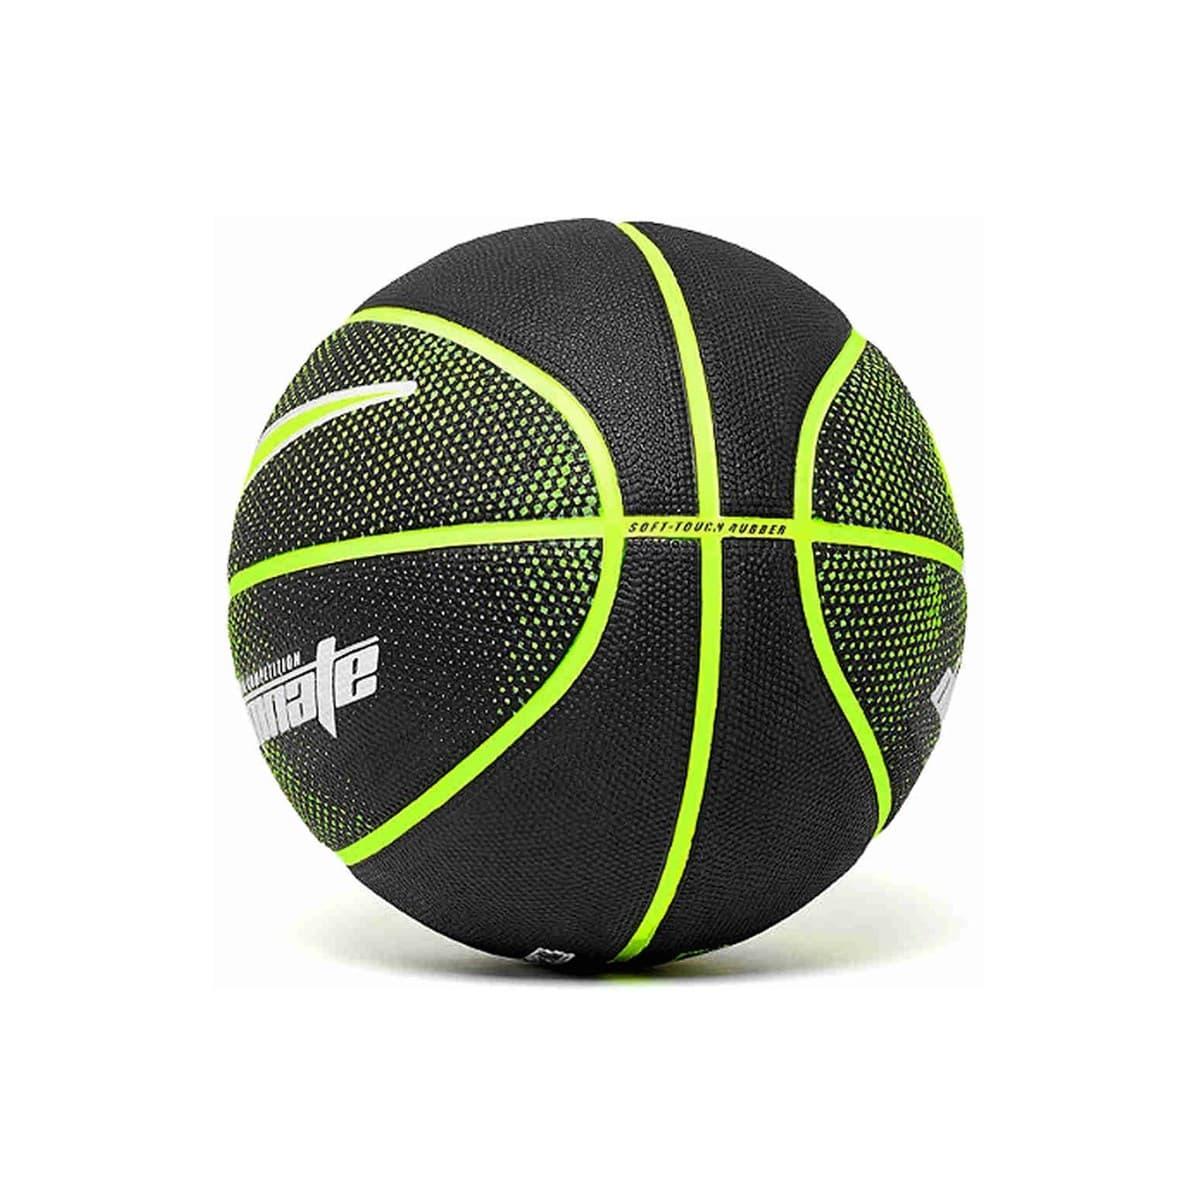 Dominate Basketbol Topu 7 Numara (NKI0004407)